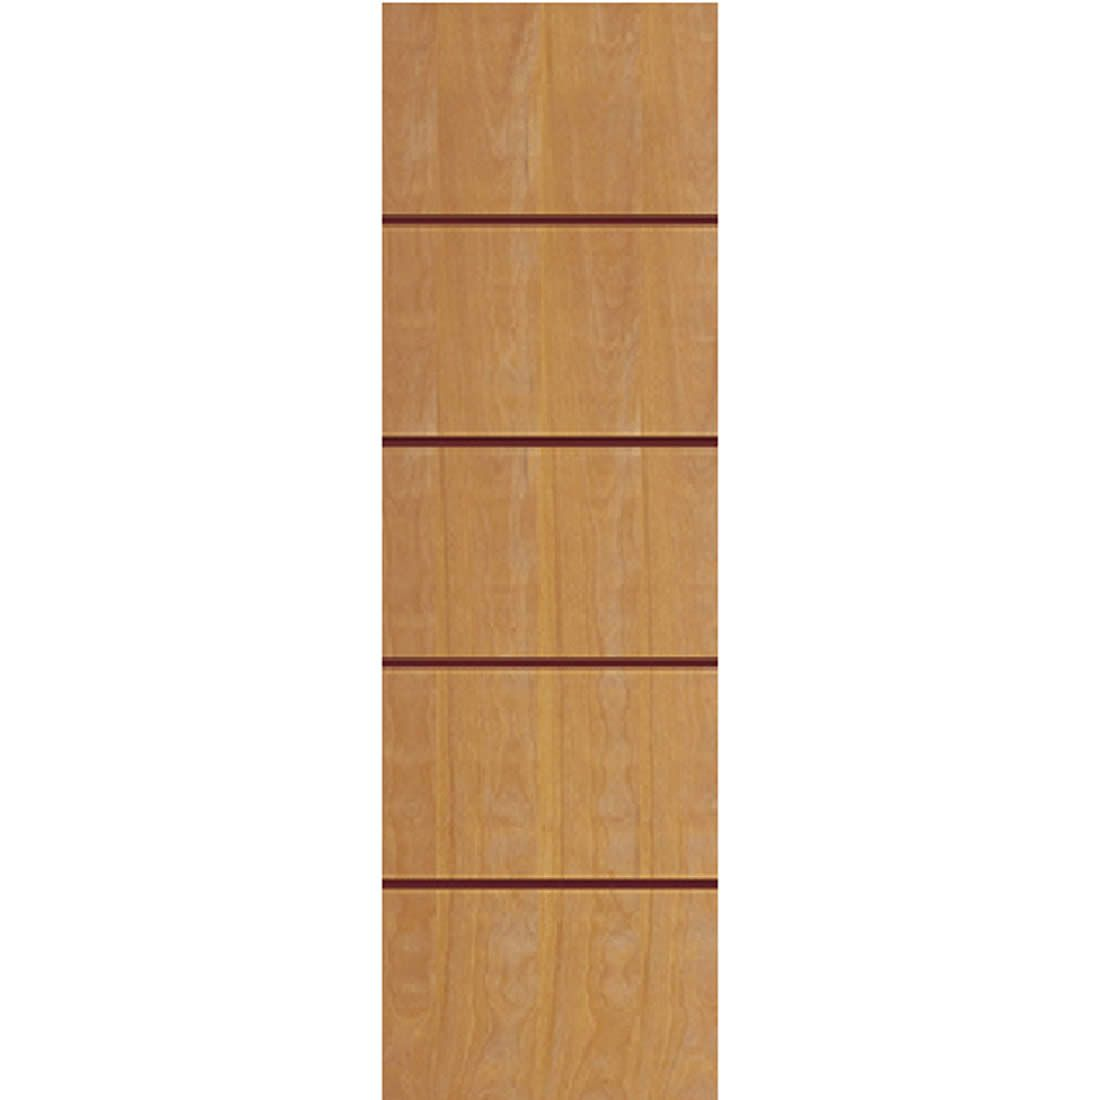 Porta 2,10 x 0,60m em Madeira Curupixa Semi Sólida Modelo 02 Frisada JB Paes